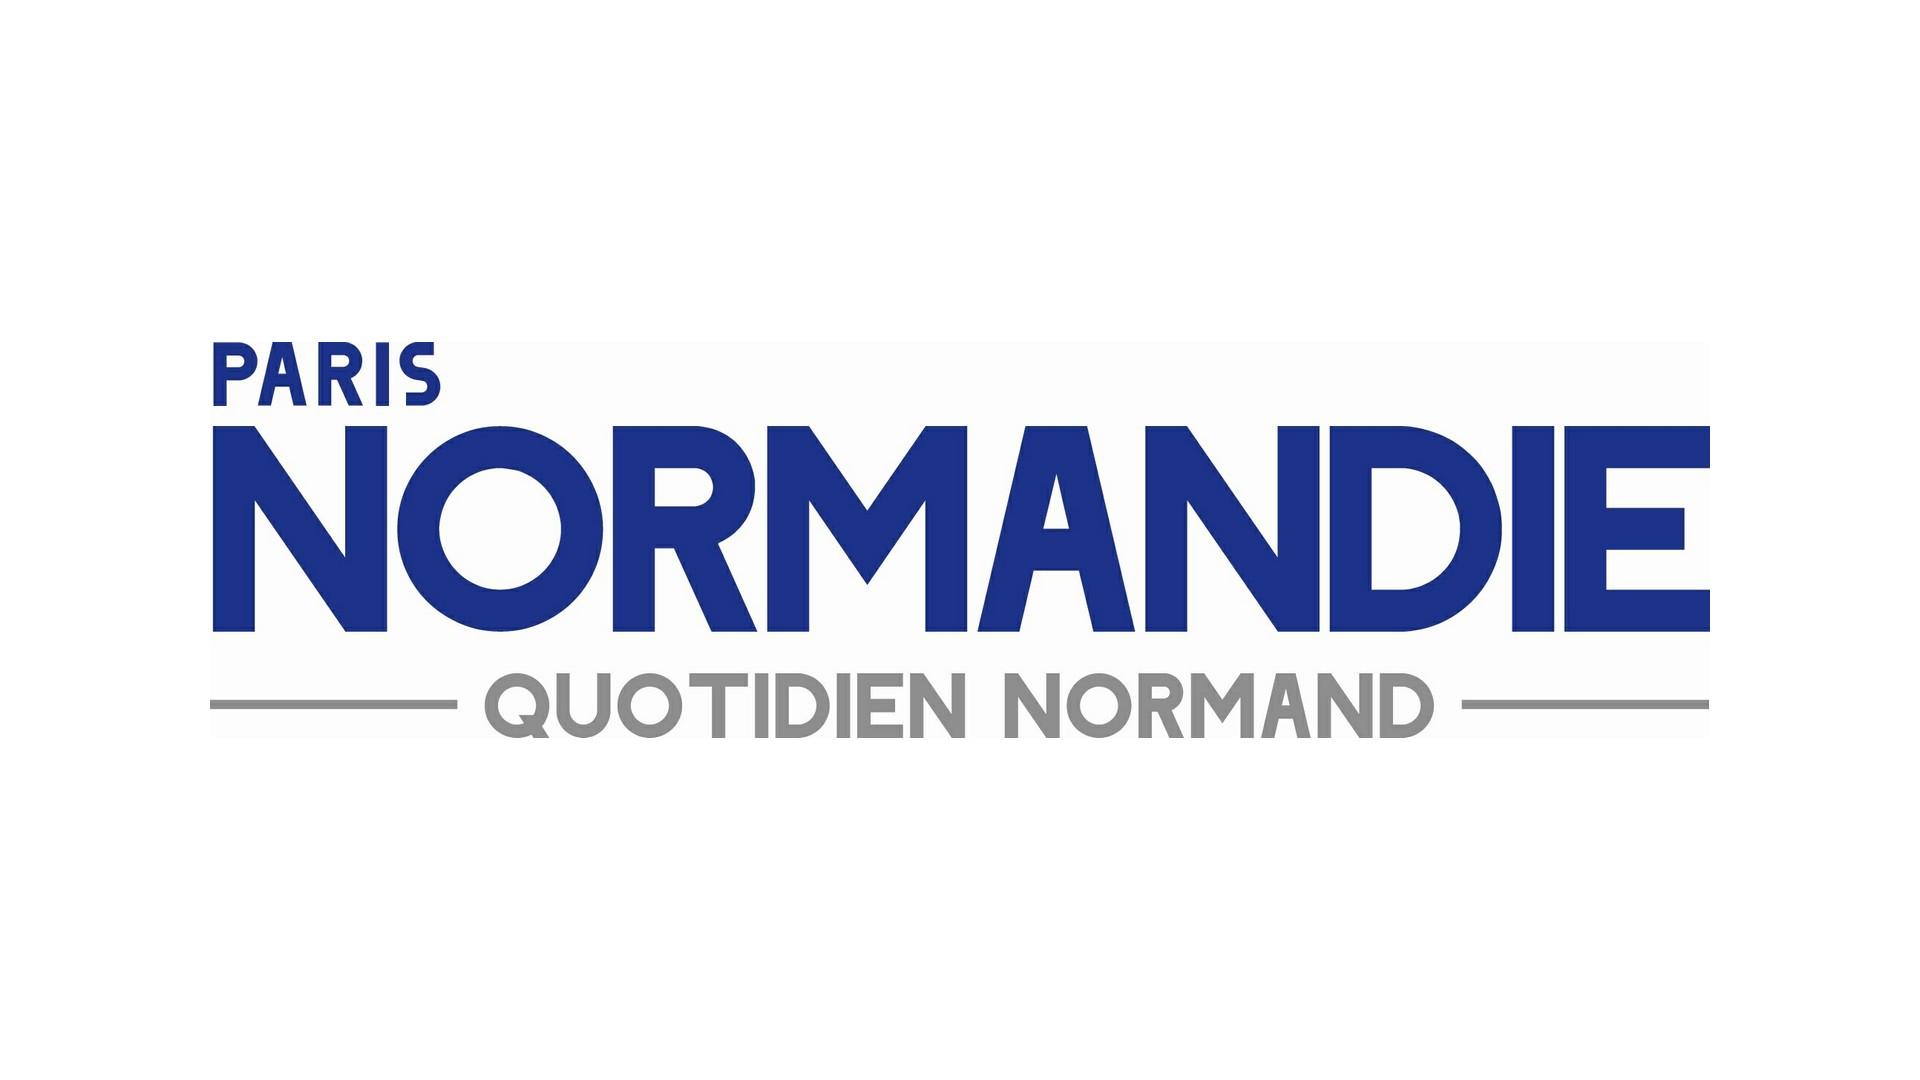 Paris Normandie (1) logo